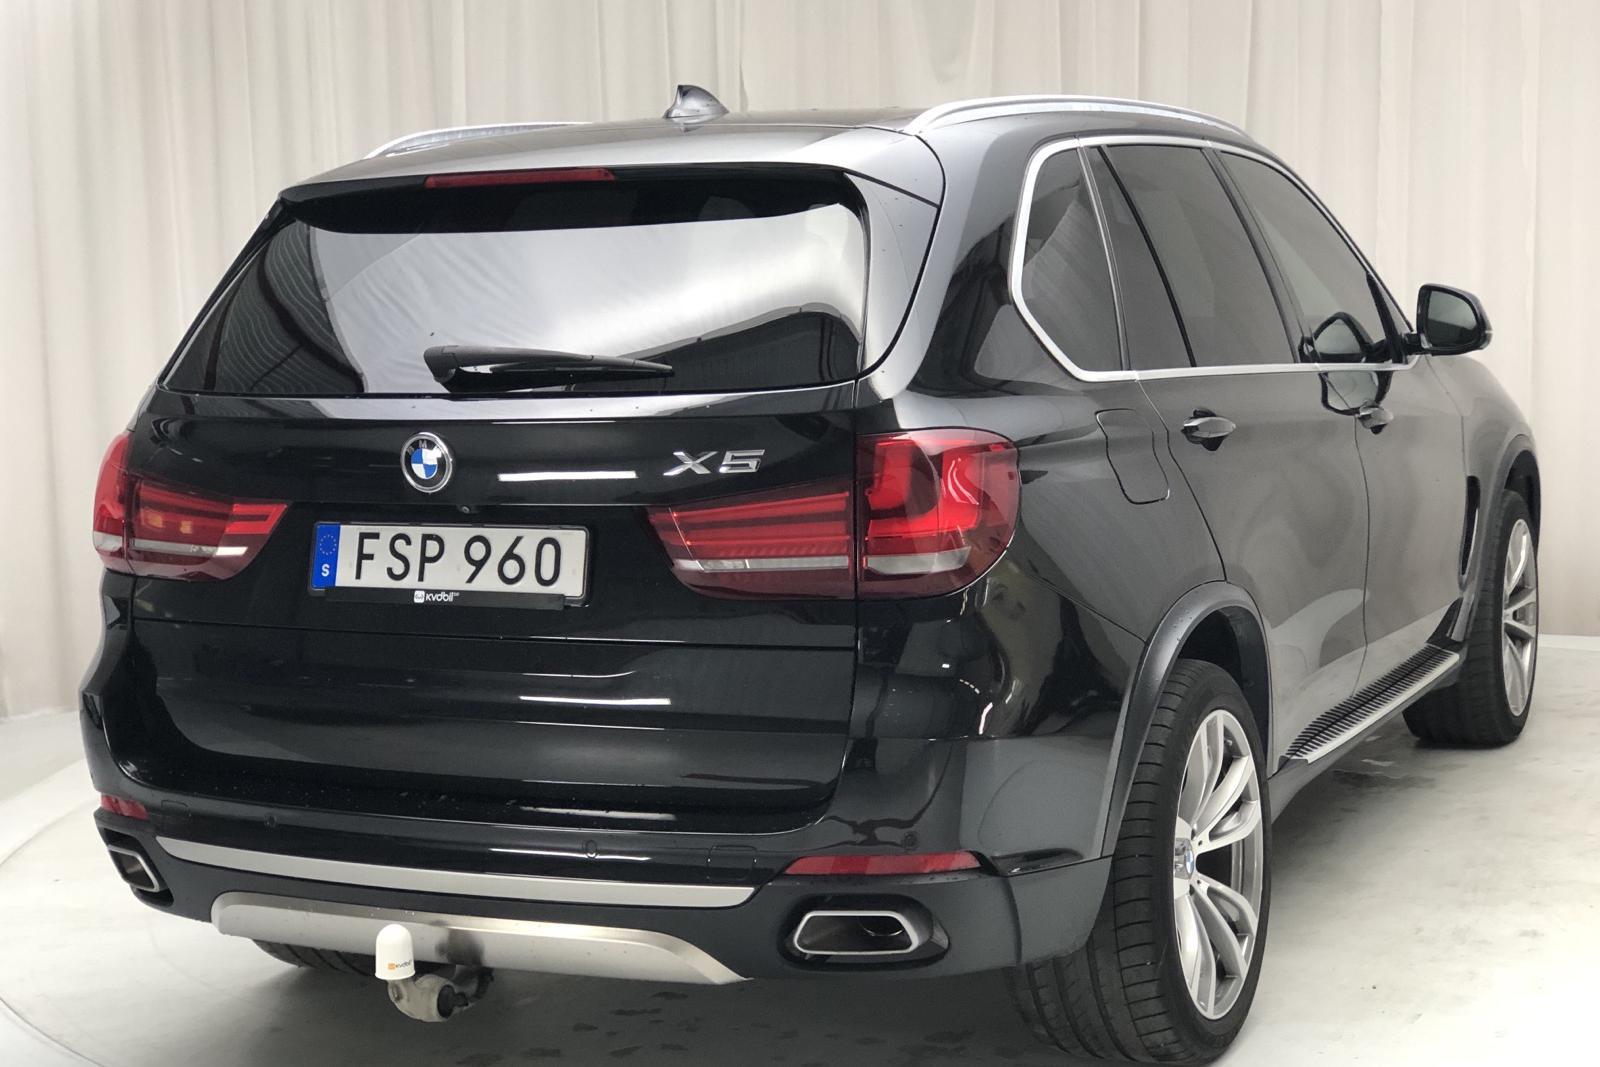 BMW X5 xDrive40d, F15 (313hk) - 14 000 mil - Automat - svart - 2015